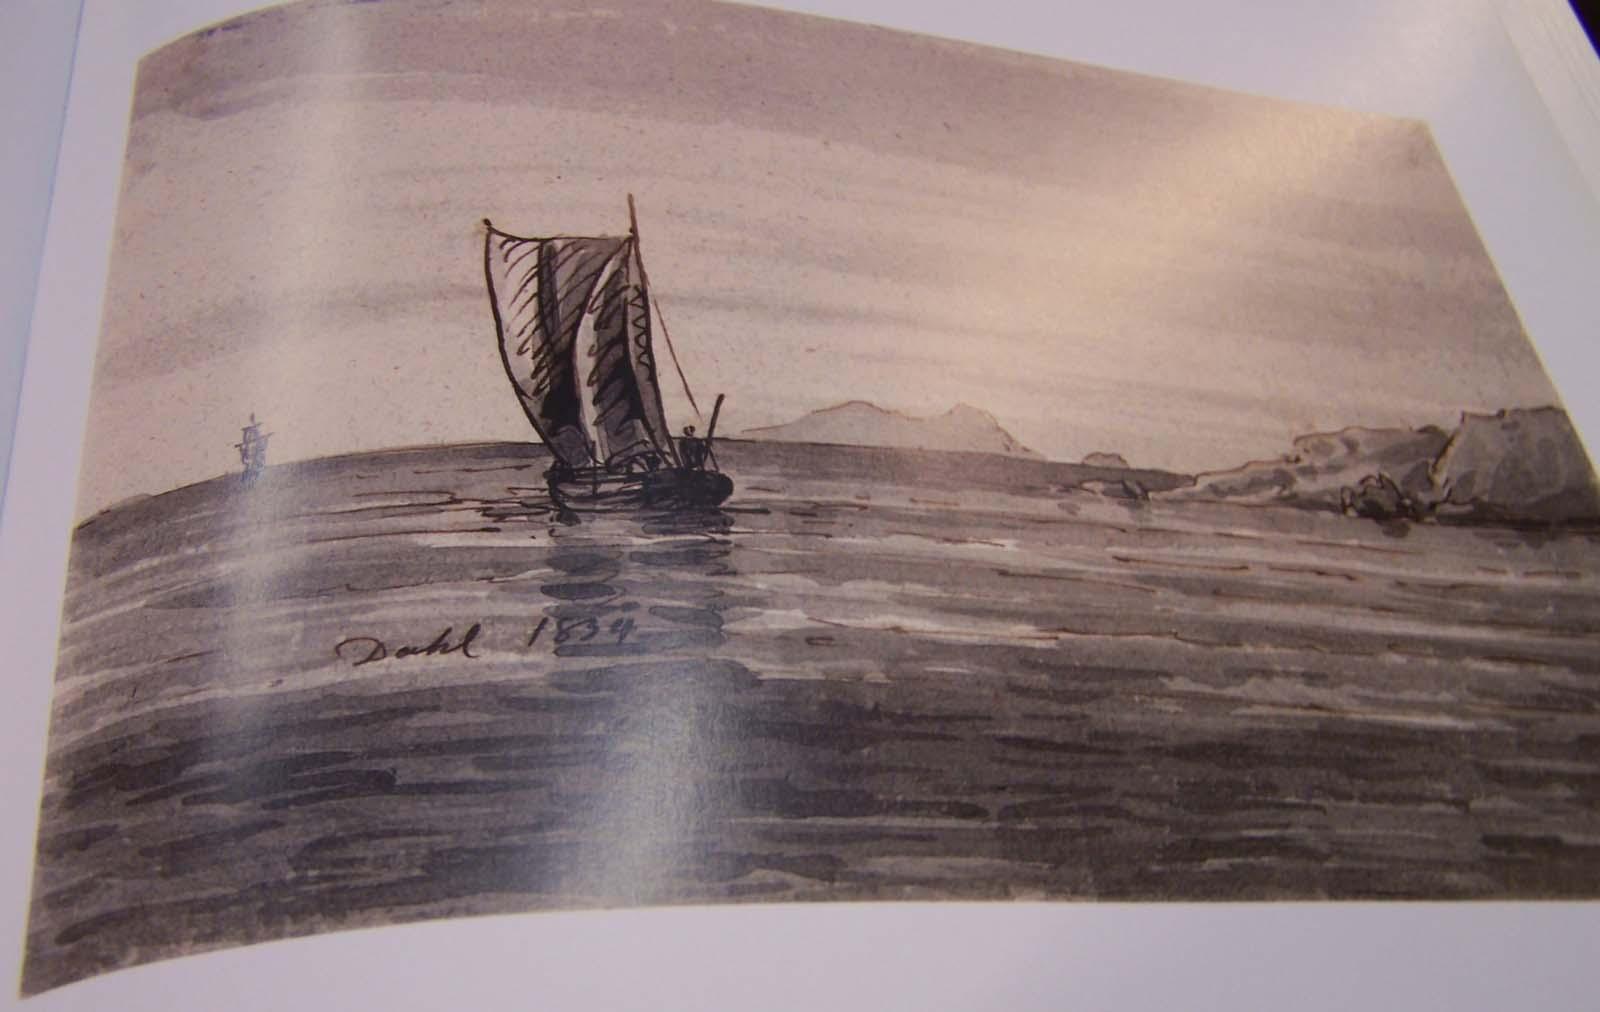 Johan Christian Clausen Dahl, Meeresküste mit Schiffen, 1834